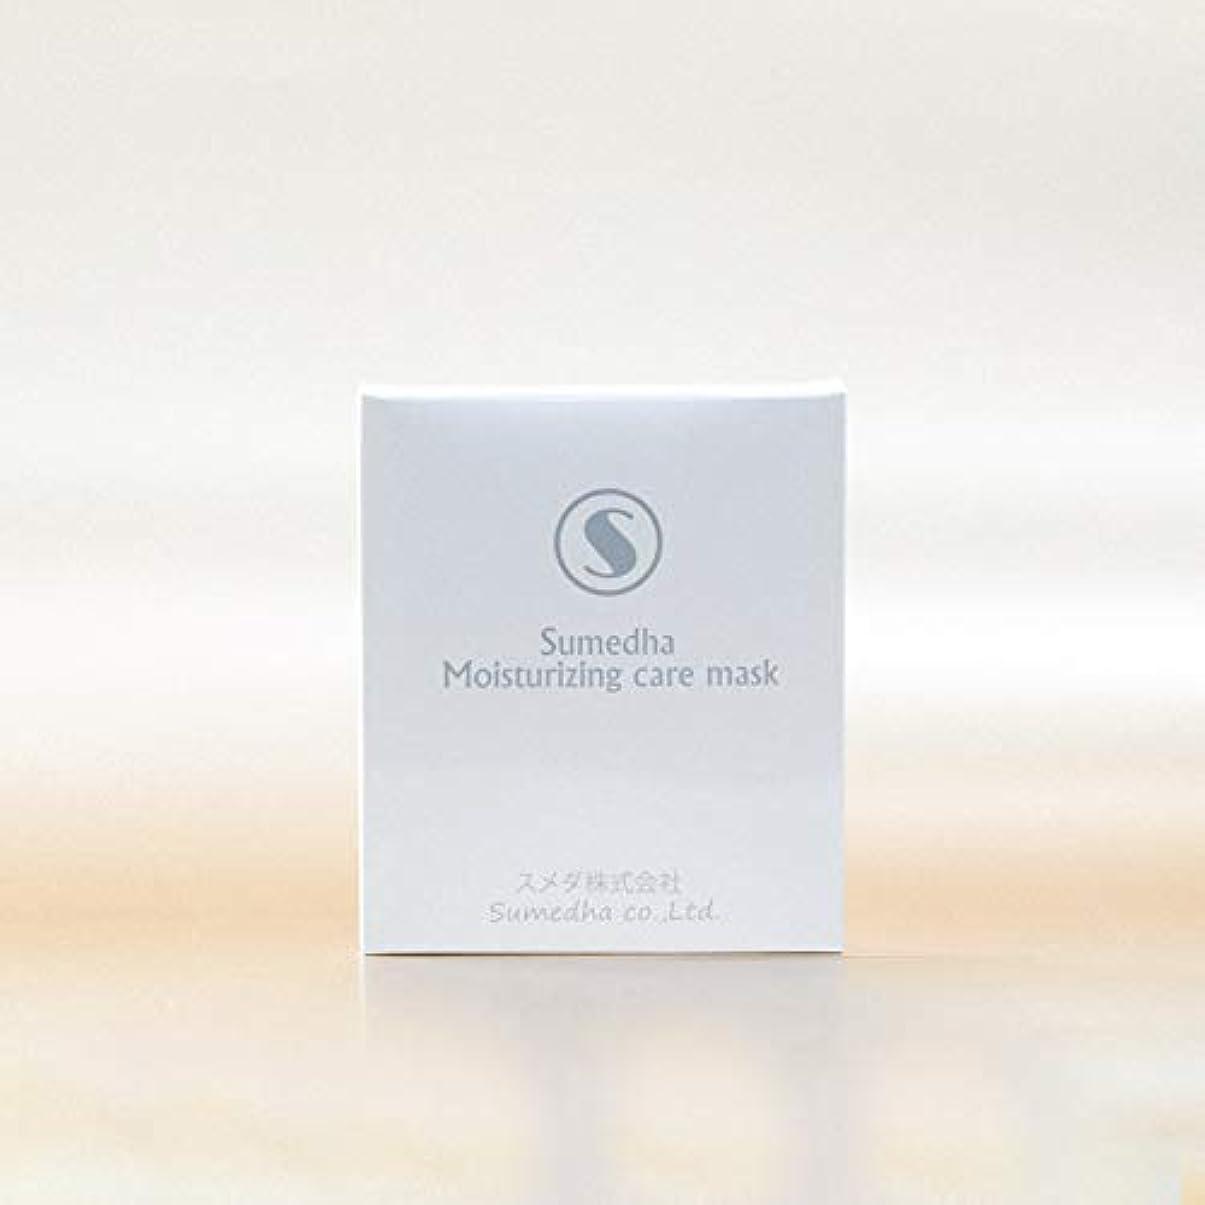 我慢する正当化する最後にフェイスマスク Sumedha パック 保湿マスク 日本製 マスク フェイスパック 3枚入り 美白 美容 アンチセンシティブ 角質層修復 保湿 補水 敏感肌 発赤 アレルギー緩和 コーセー (超保湿)